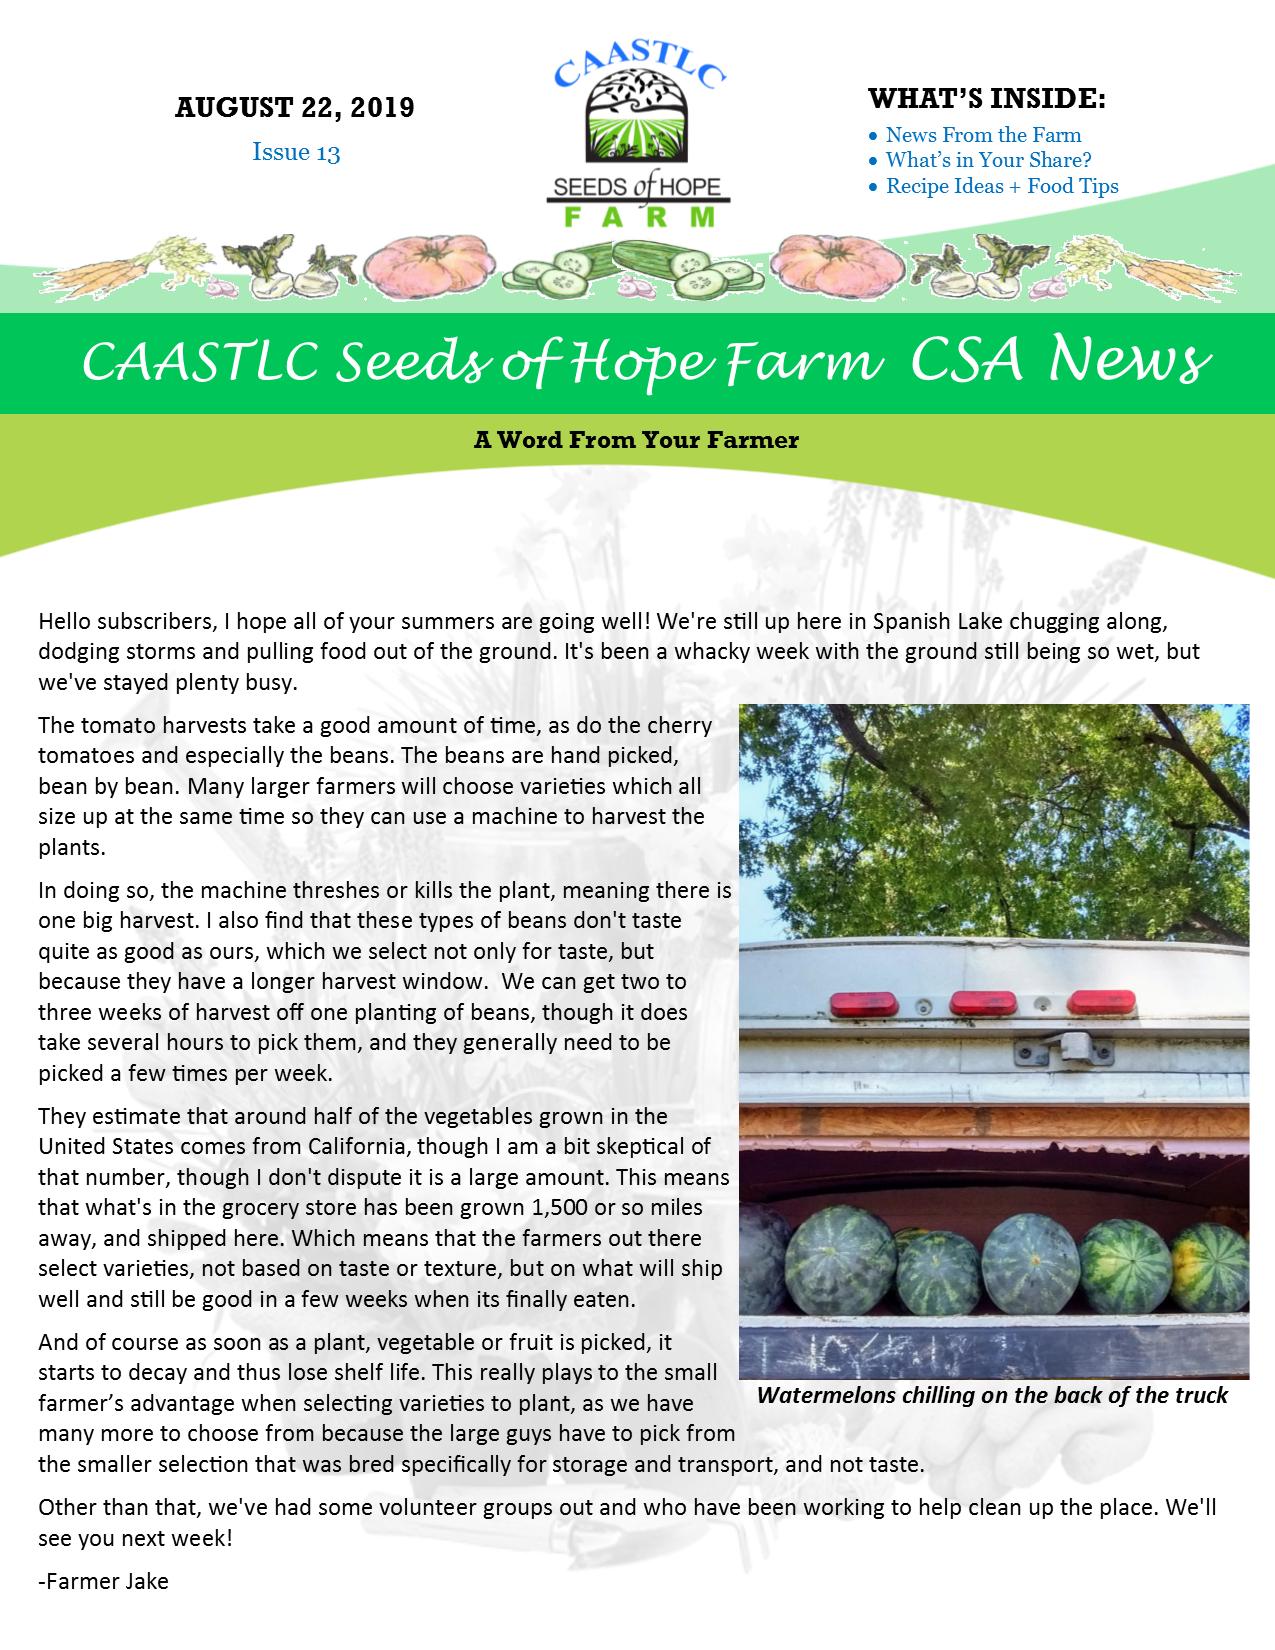 CAASTLC Seeds of Hope Farm CSA News! – CAASTLC Seeds of Hope